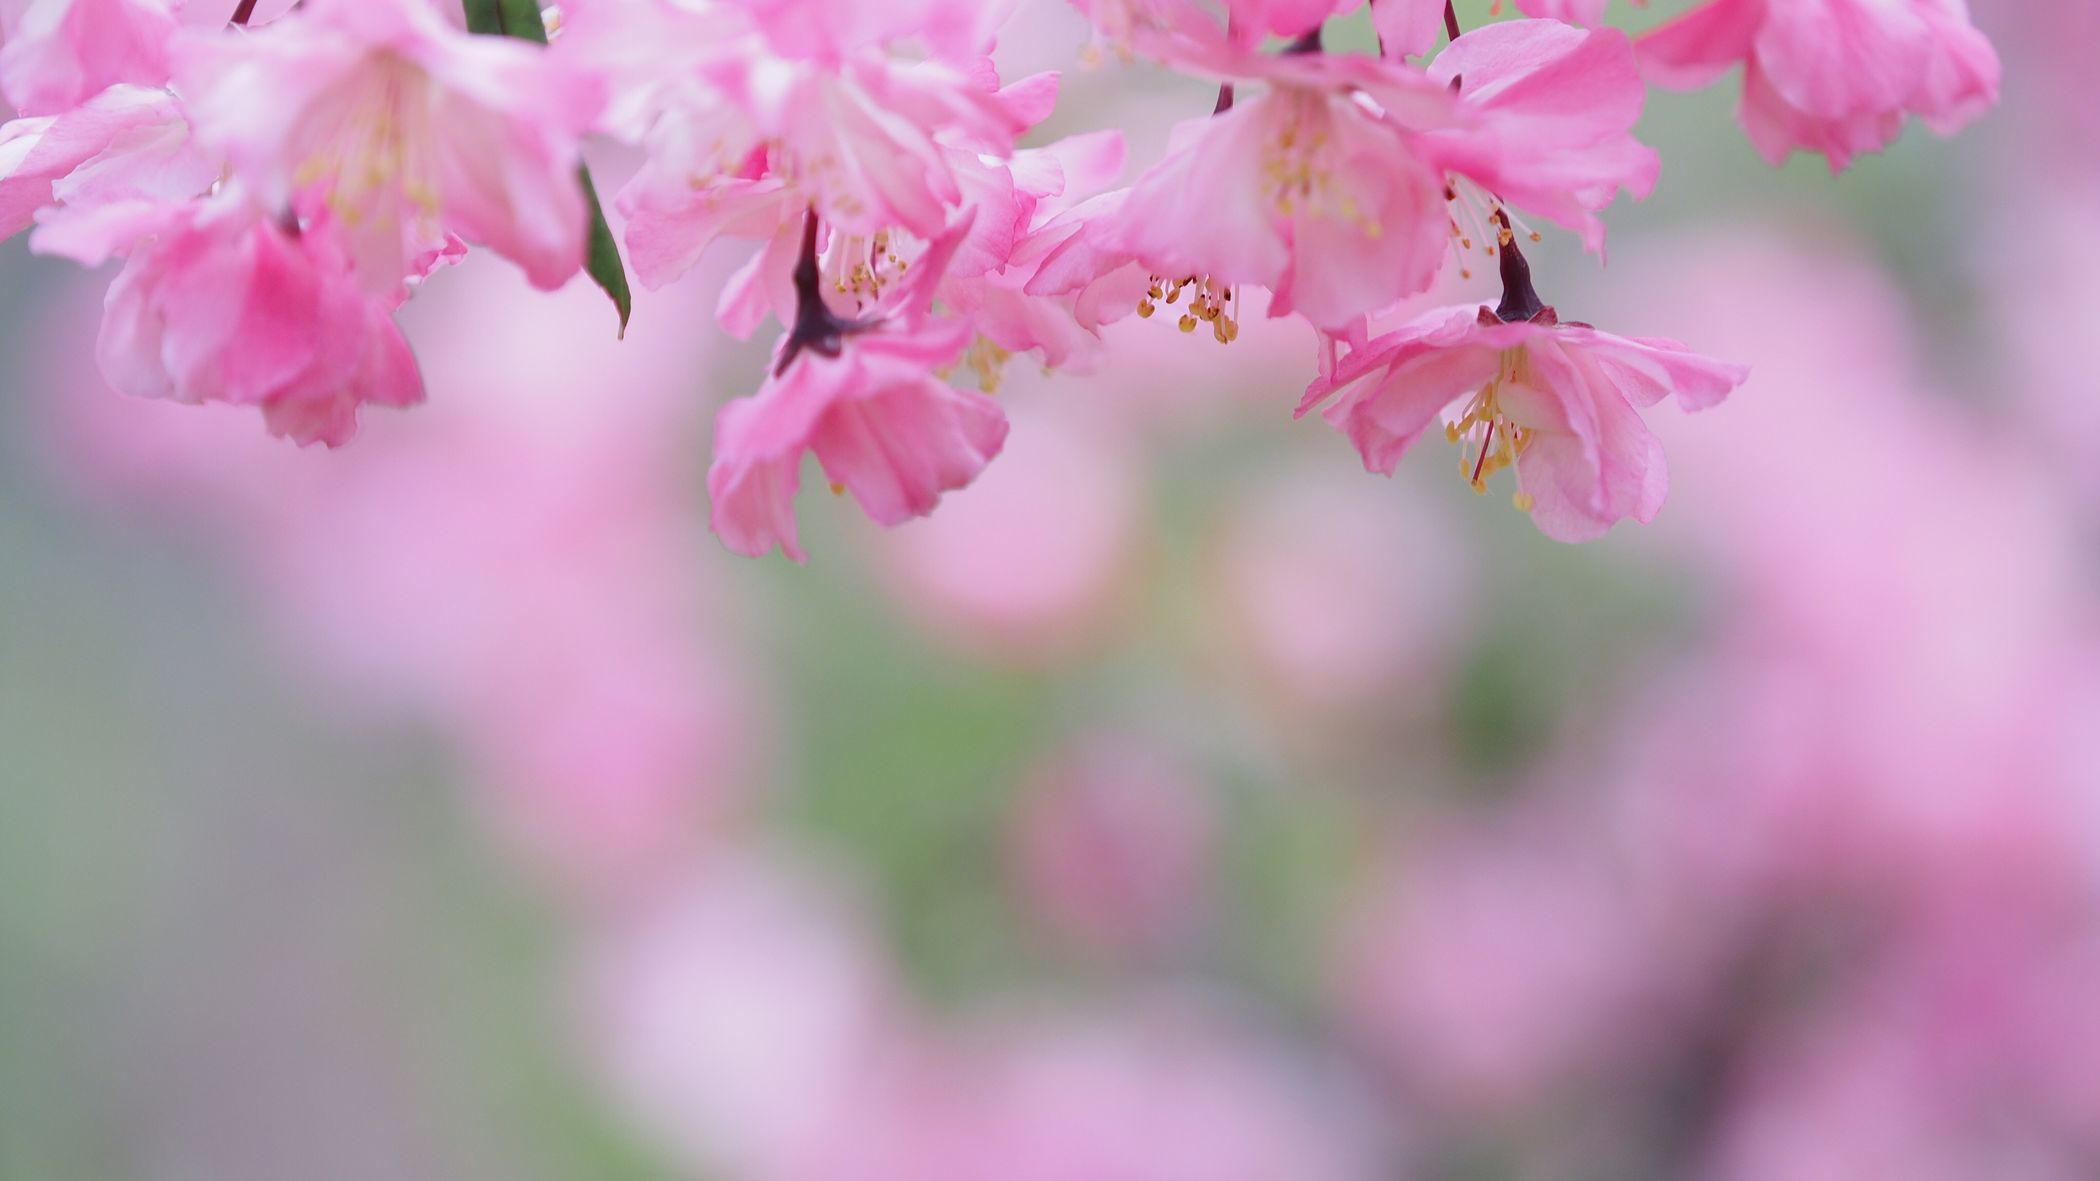 どこが痛いの? Flower Pink Color Beauty In Nature Fragility Nature Blossom Growth Springtime Petal Branch Freshness Twig Day Close-up Flower Head Outdoors EyeEmNewHere EyeEm Best Shots EyeEm Nature Lover Focus On Foreground Blooming 花海棠 ハナカイドウ Olympus OM-D EM-1 ここ。